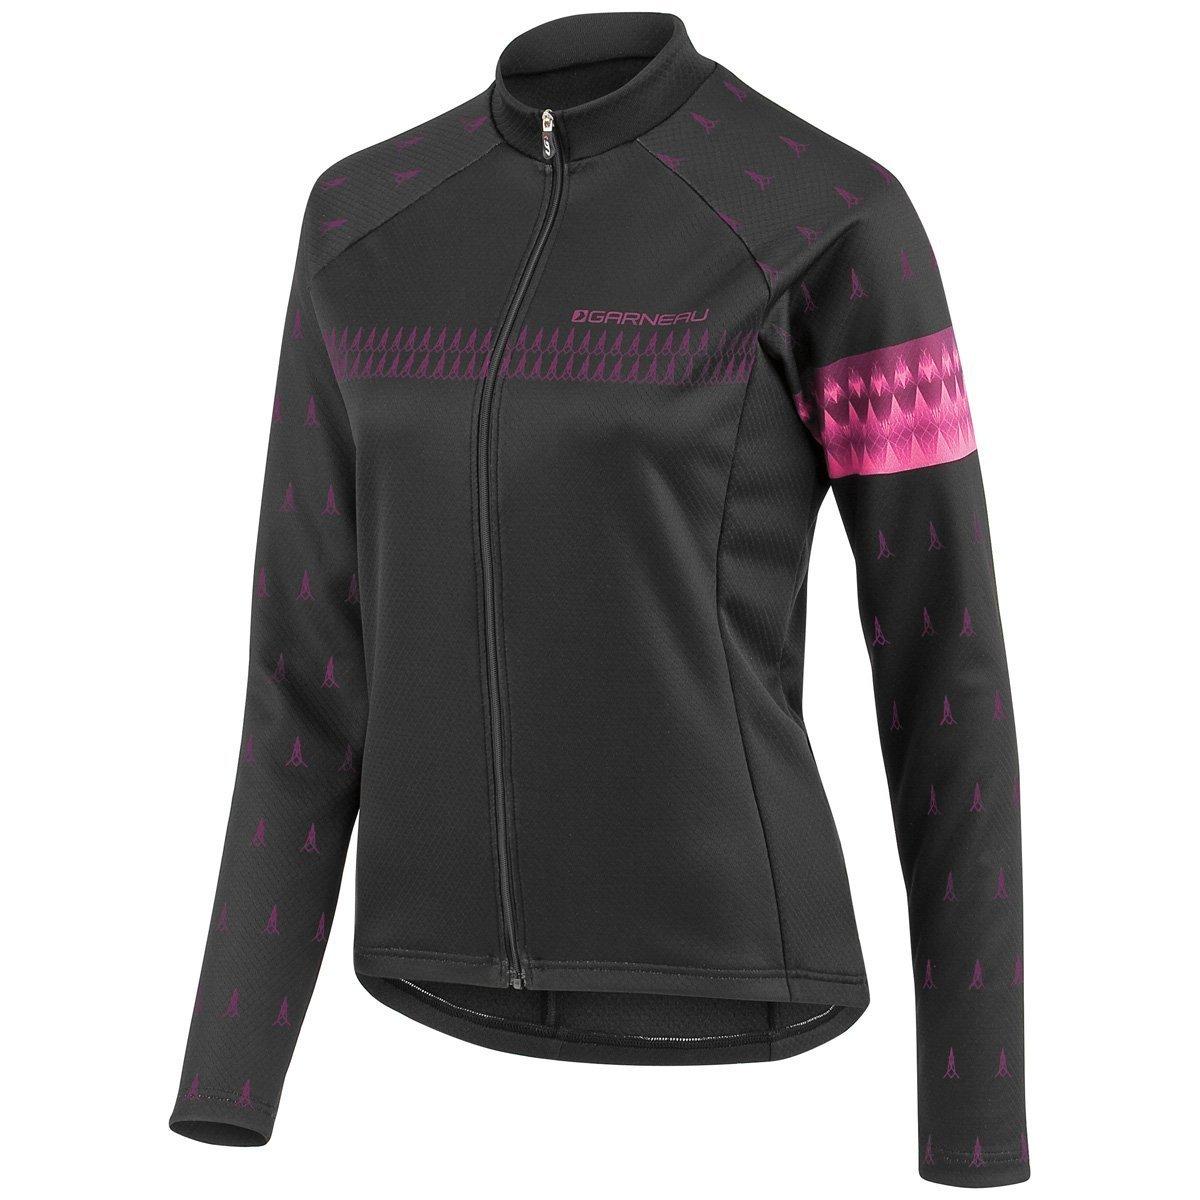 Louis Garneau Women 's 2015 Equipe長袖サイクリングジャージー Medium Black/PinkGlow B00ZHI11NK